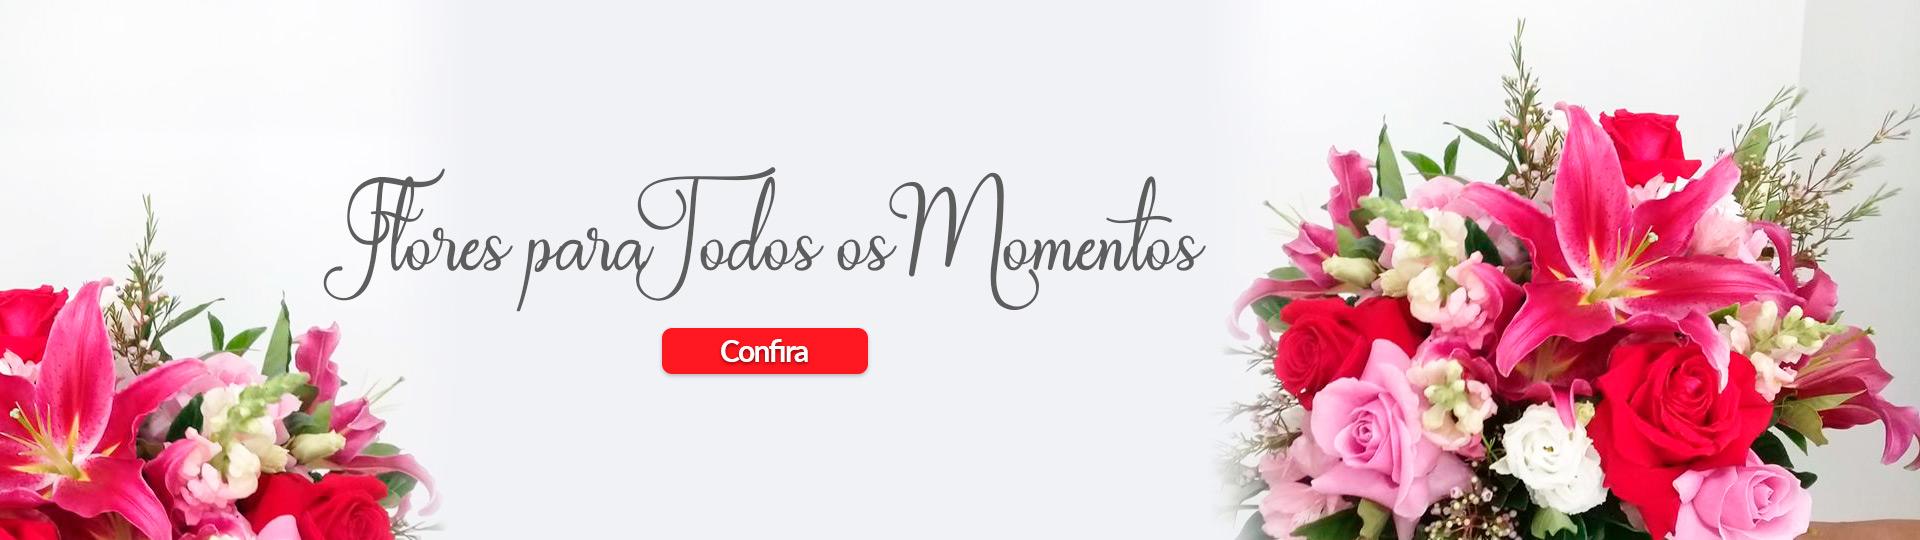 01 - Flores para Todos os Momentos